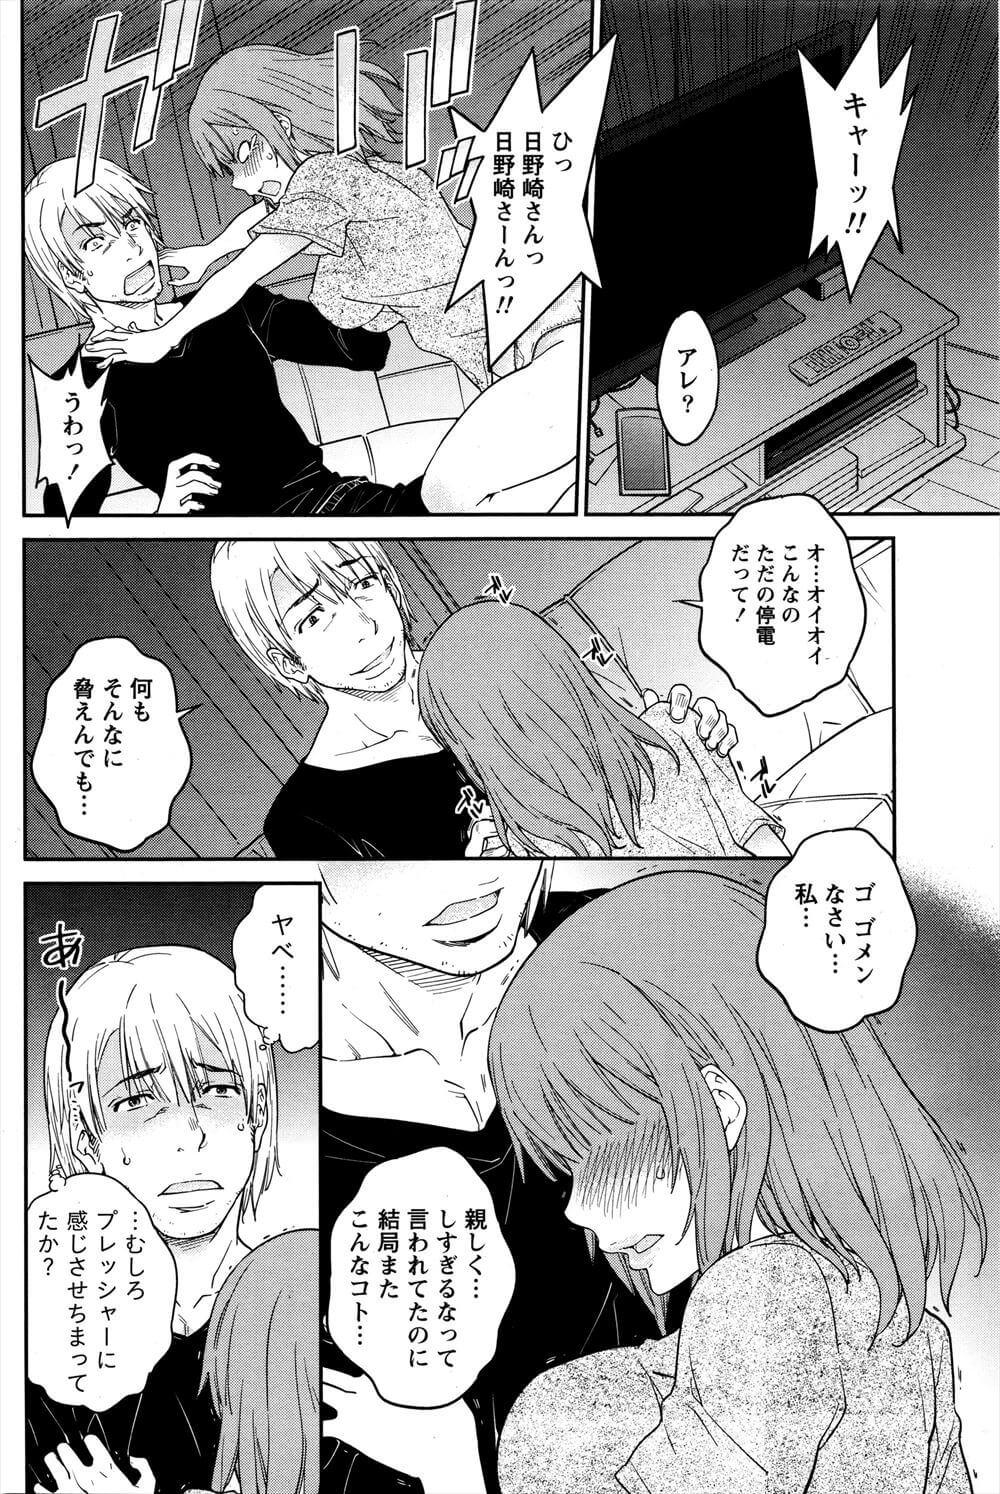 【エロ漫画】隣に引っ越してきた巨乳JDがやけに人懐っこくて幽霊が出たと泣きついてきて!【無料 エロ同人】 (12)